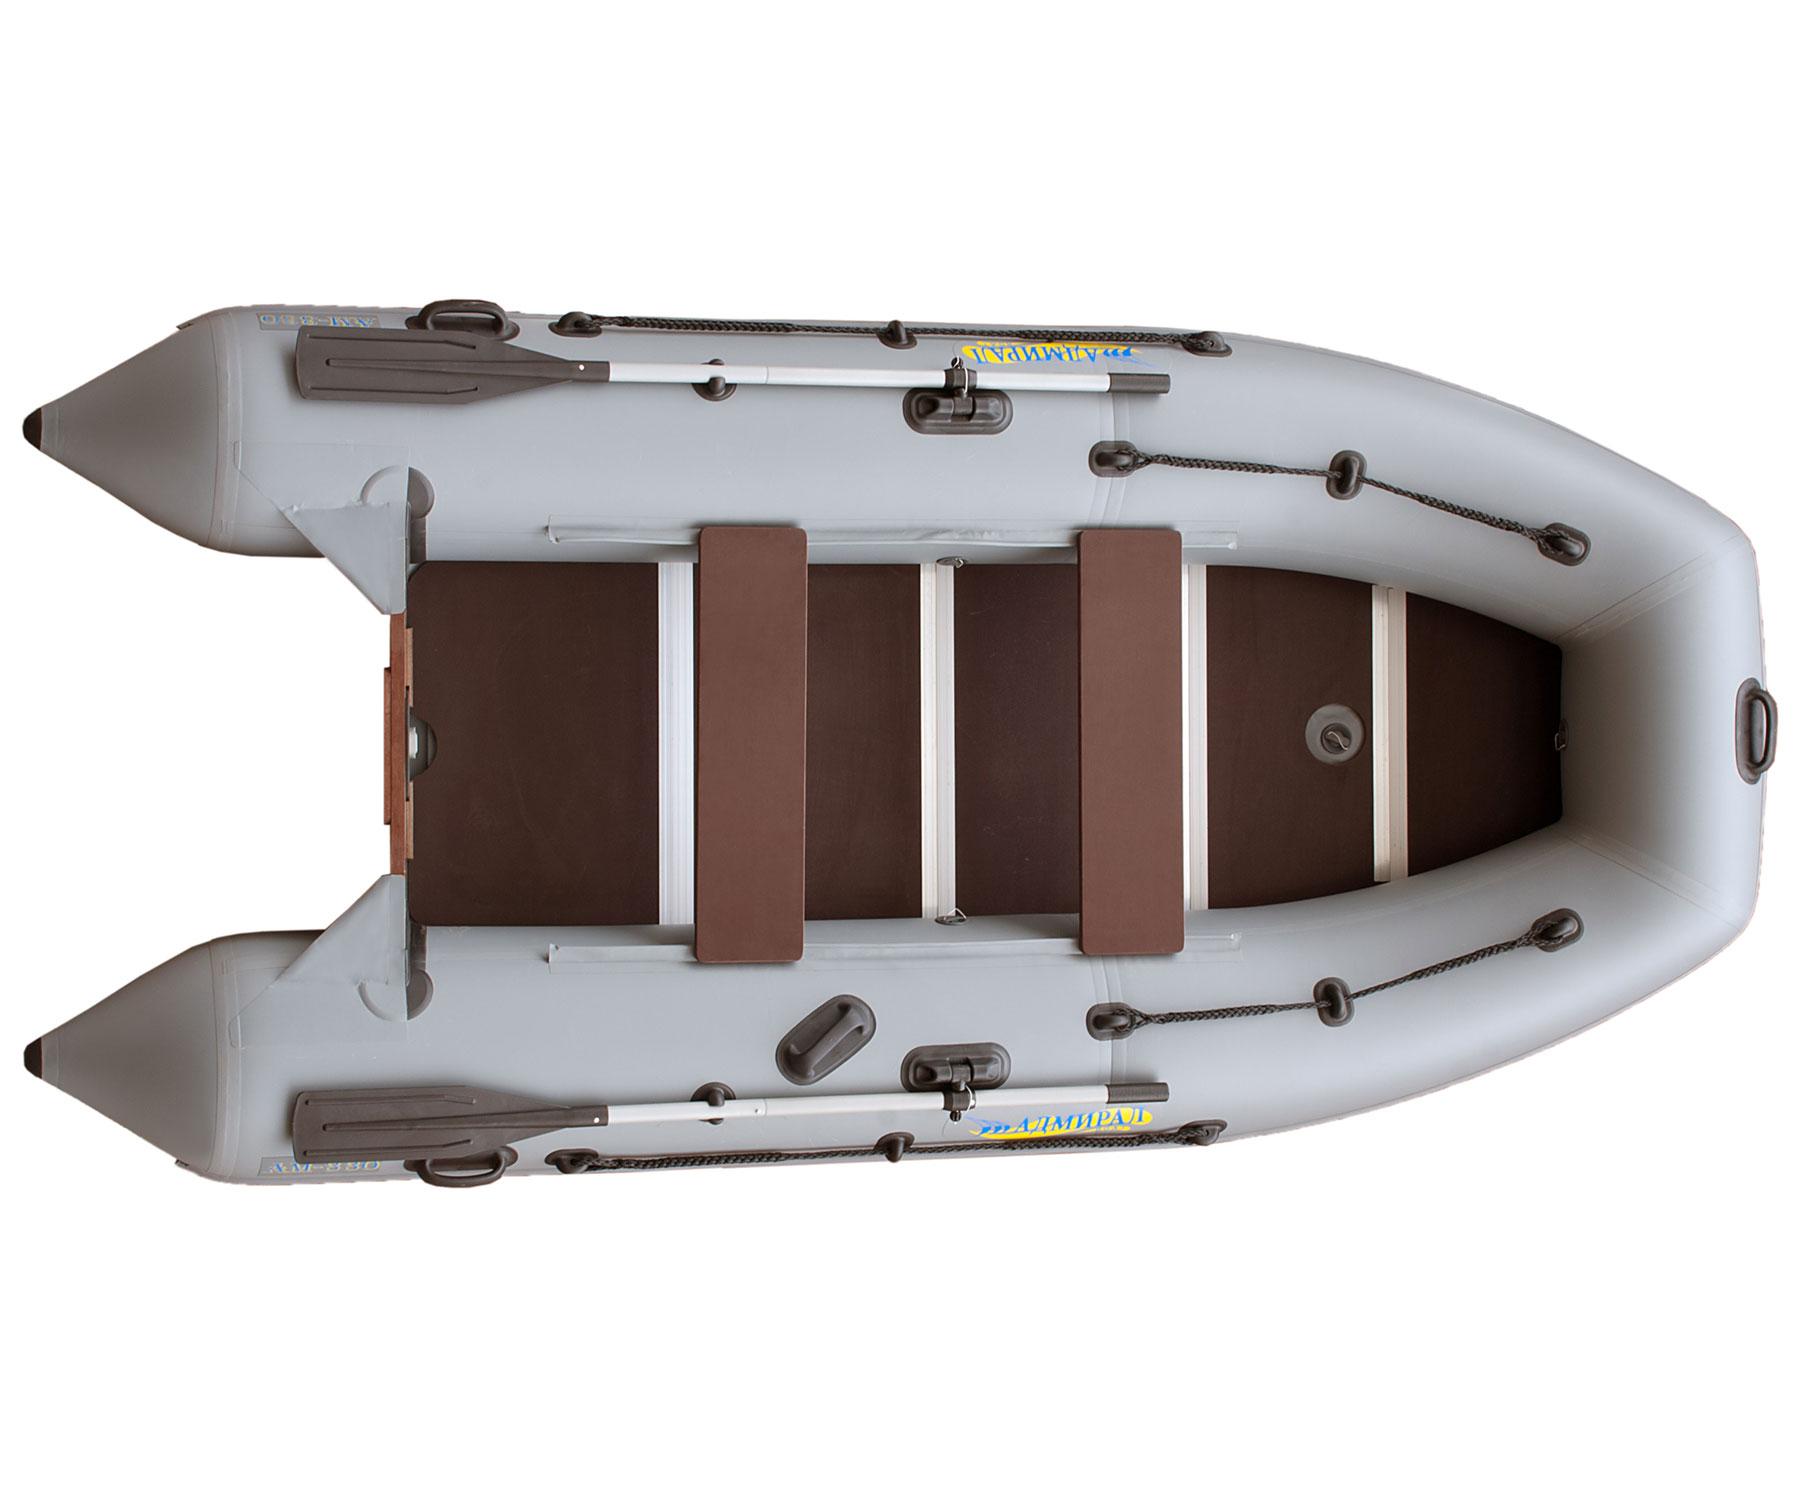 лодка тайга 340 купить в нижнем новгороде